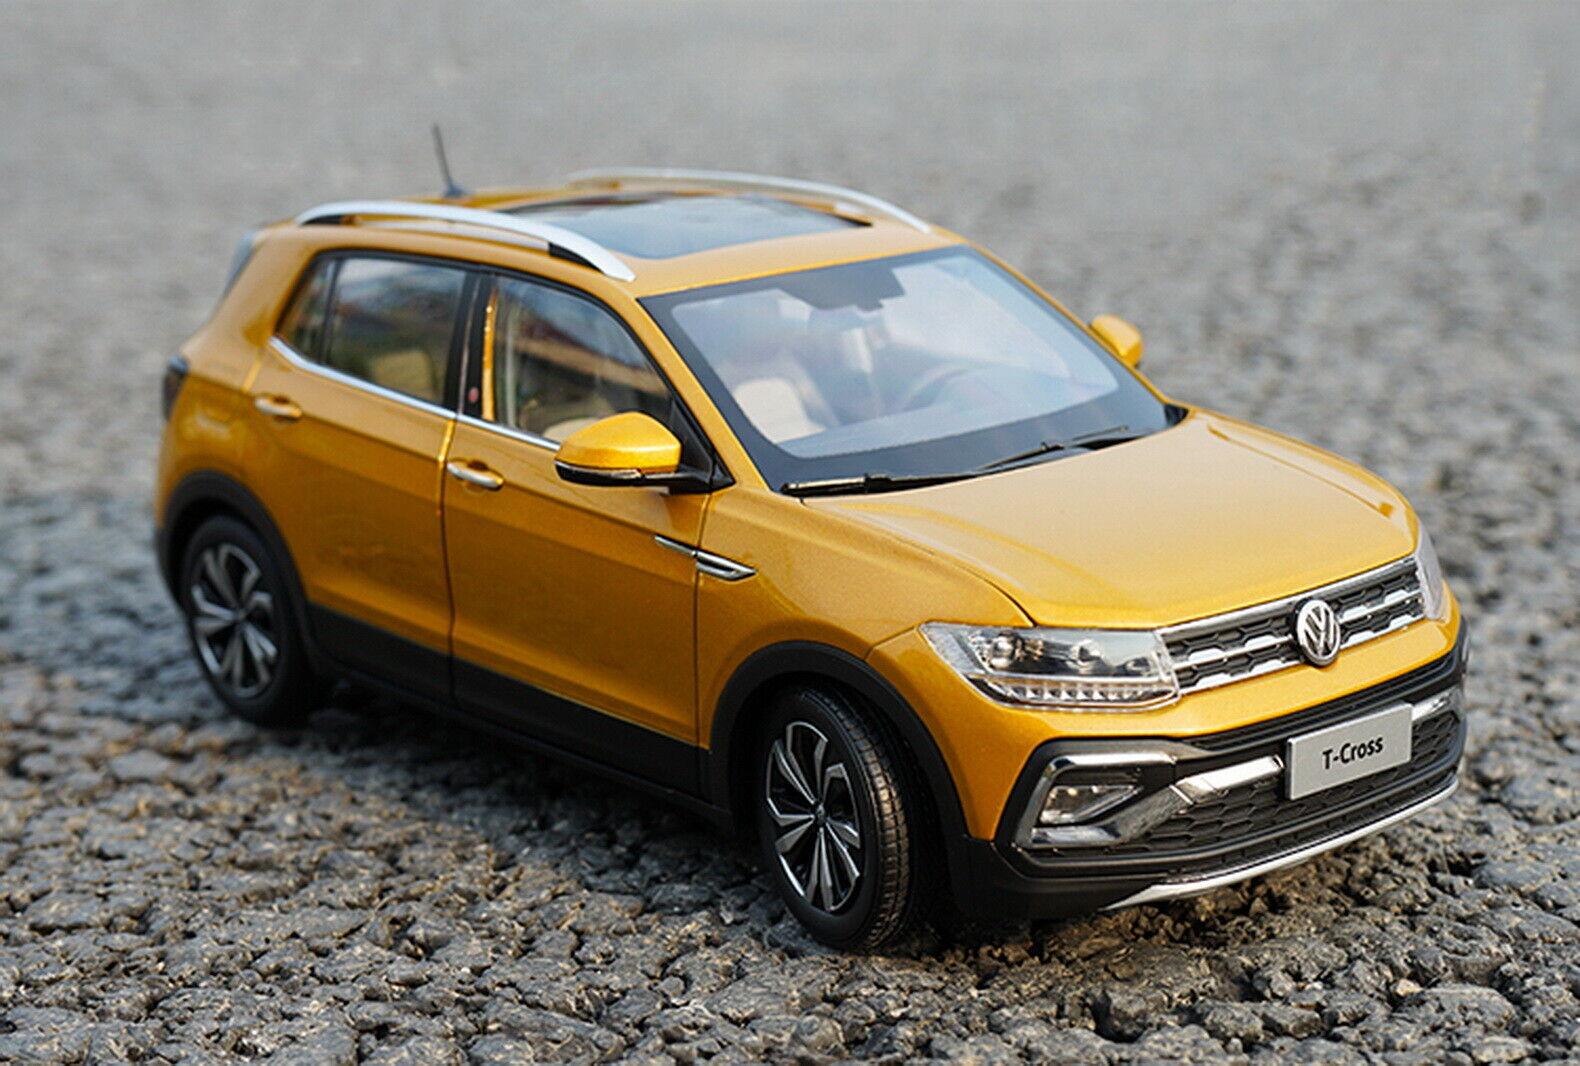 1 18 SCALA VW Volkswagen T-Cross Suv Diecast Modello Auto Giocattolo Collection